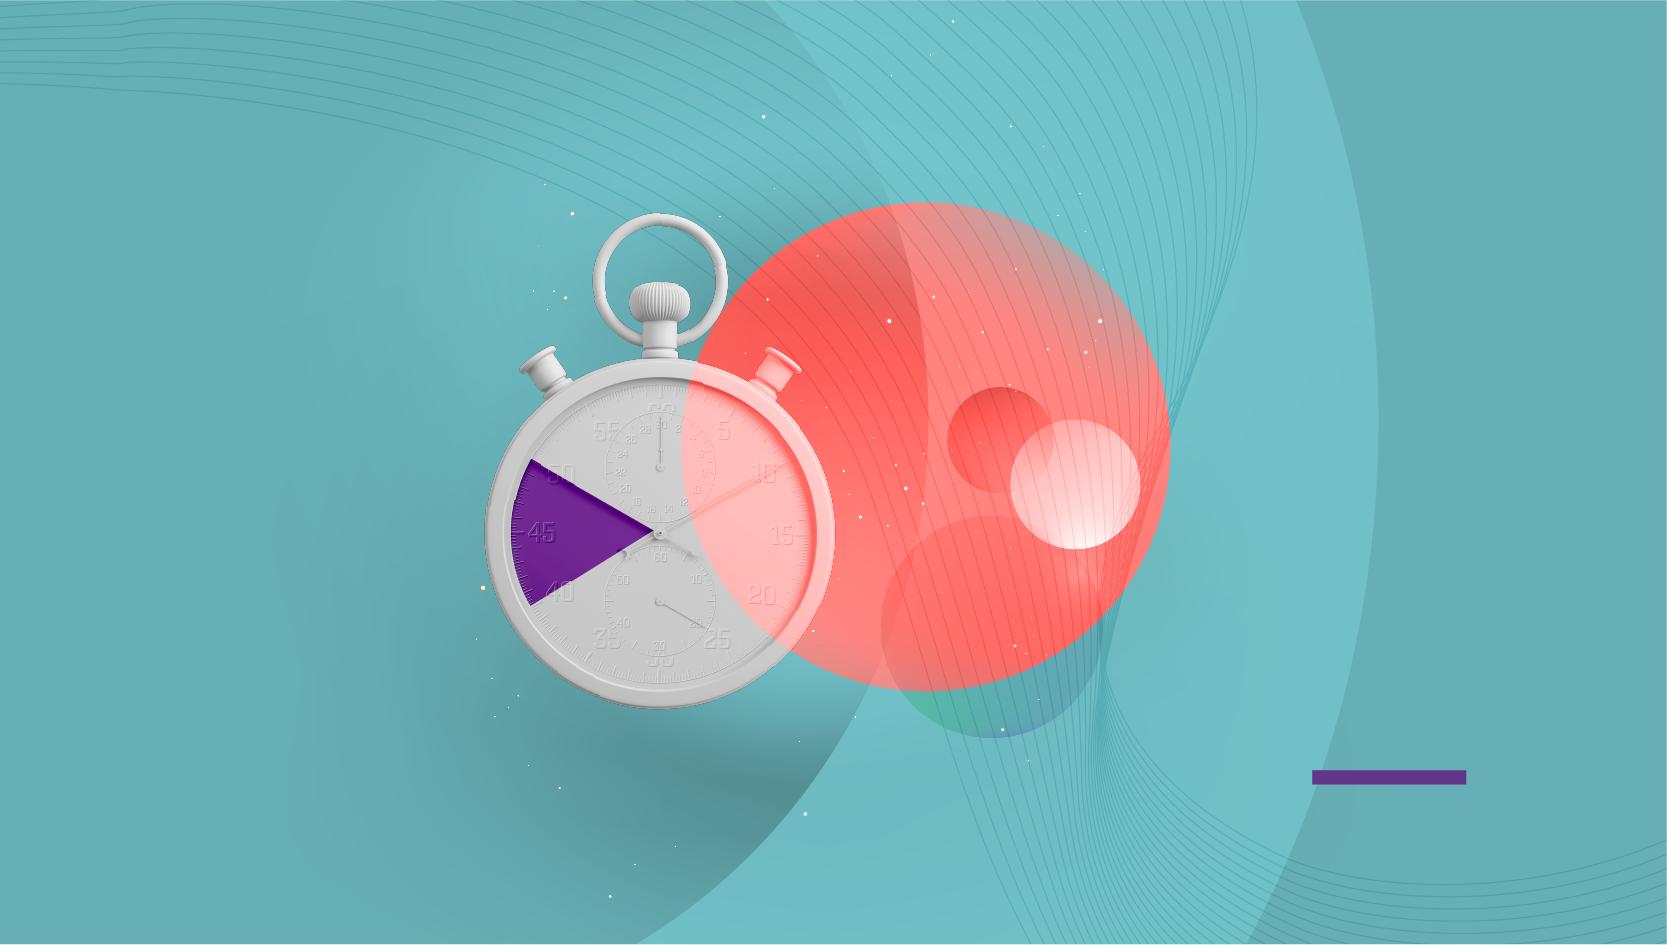 5 طرق لجذب الانتباه، وتحويل العملاء إليك والحفاظ عليهم باستخدام العروض التقديمية